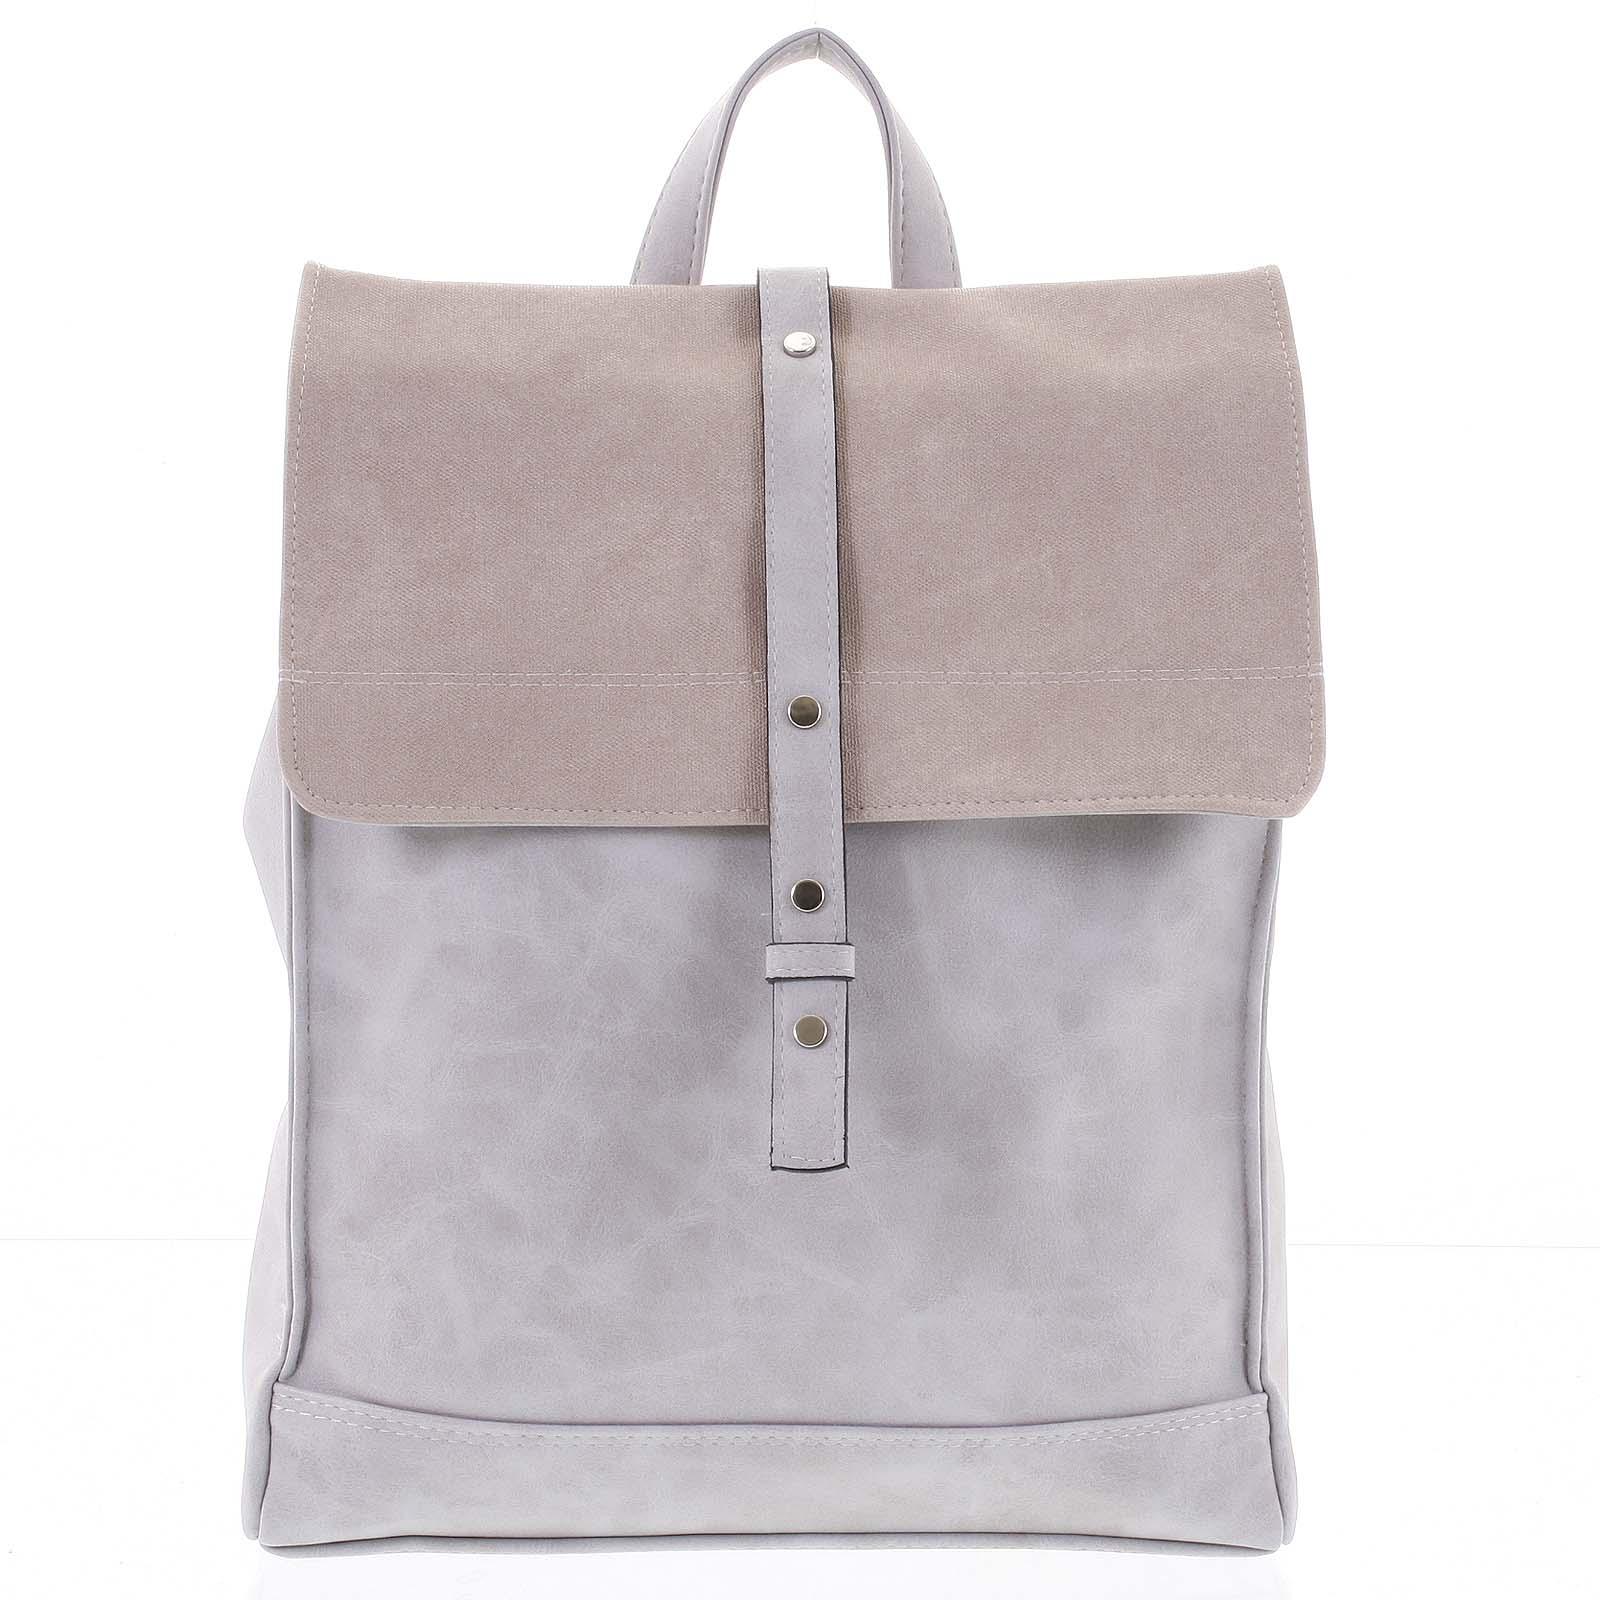 Unikátny módny dámsky batoh kabelka sivý - Ellis Júlian